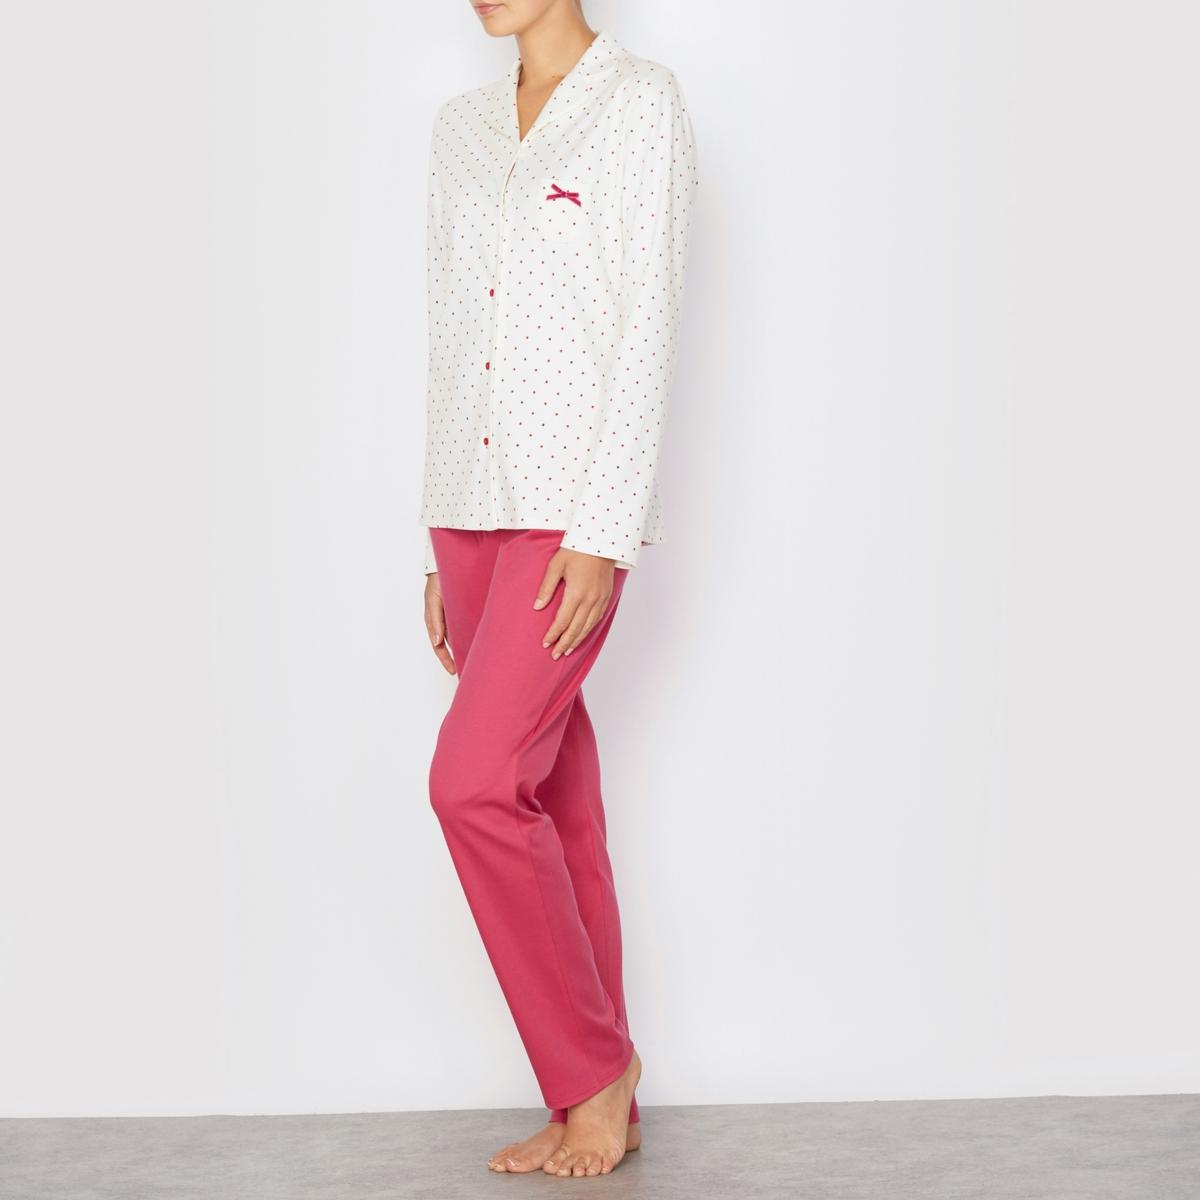 Пижама Flocon LE CHATСостав и описание:Рубашка в горошек:  Длинные рукава.Рубашечный воротник.Застёжка на обтяжные пуговицы.Брюки однотонные:Эластичный пояс.Длина по внутреннему шву: 78,5 см.Материал: 100% хлопка.<br><br>Цвет: экрю/ красный